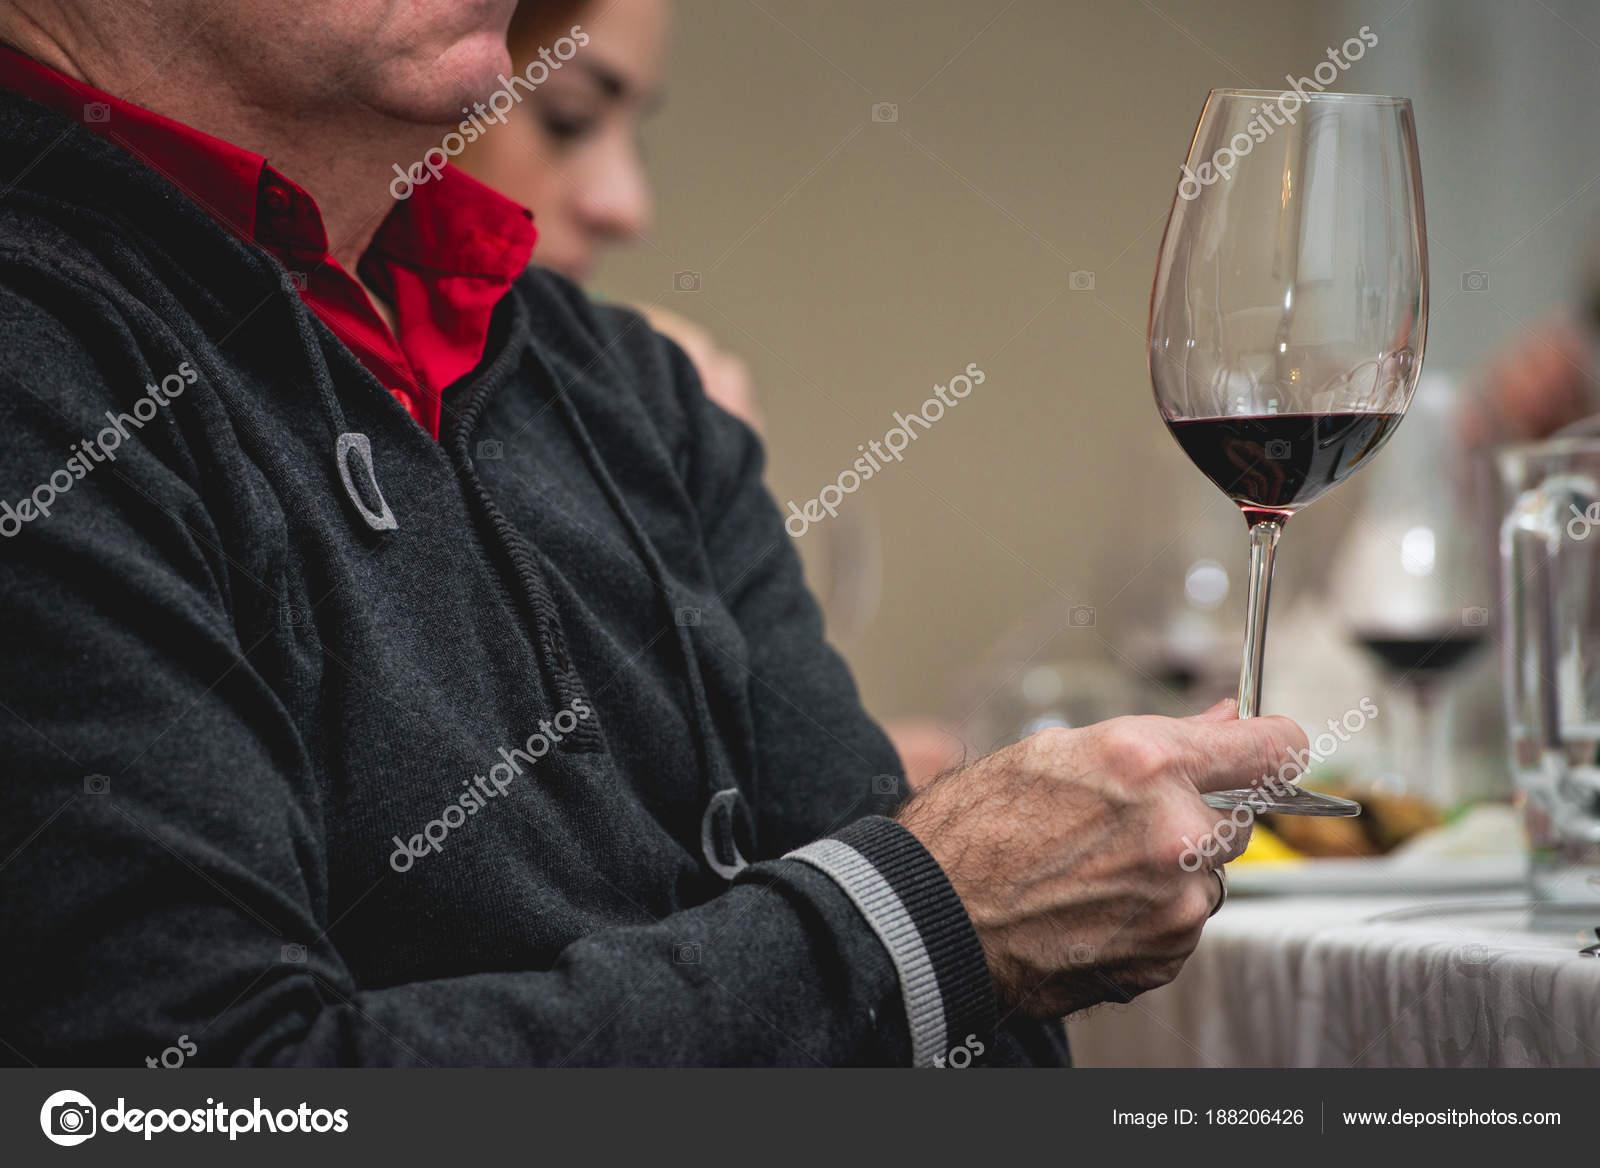 Mann Hält Glas Rotwein Menschen Betrachten Die Farbe Des Weins Und